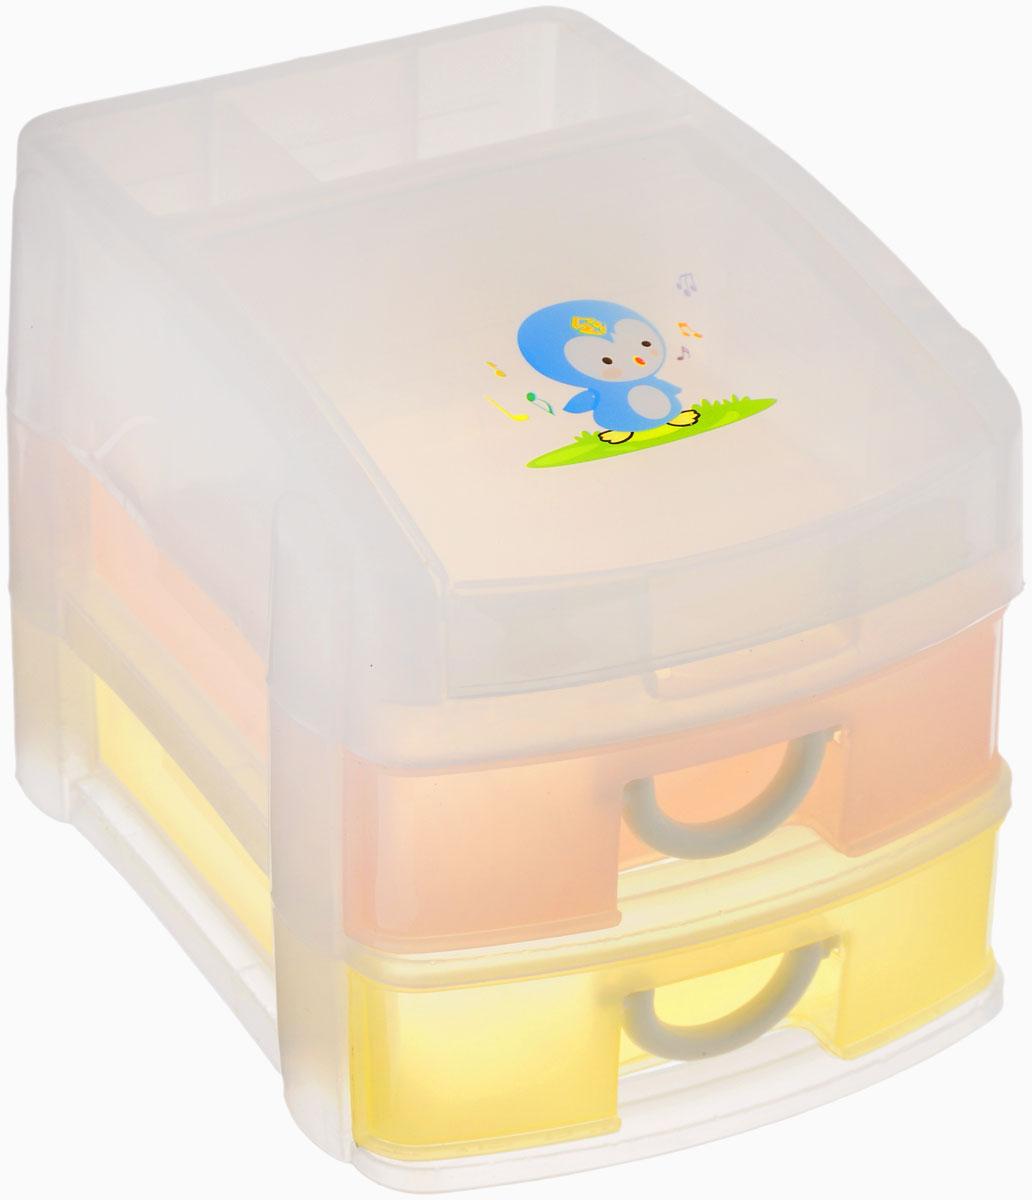 Контейнер для мелочей МН, 3-ярусный, 14 см х 19 см х 16,5 см525015Контейнер для мелочей МН изготовлен из прозрачного пластика, что позволяет видеть содержимое. Подходит для хранения швейных принадлежностей, мелких деталей и других бытовых мелочей. Контейнер содержит 2 разноцветных выдвижных ящичка с удобными пластиковыми ручками. Сверху содержится 2 секции и отдел, закрывающийся крышкой. Такой контейнер поможет держать вещи в порядке.